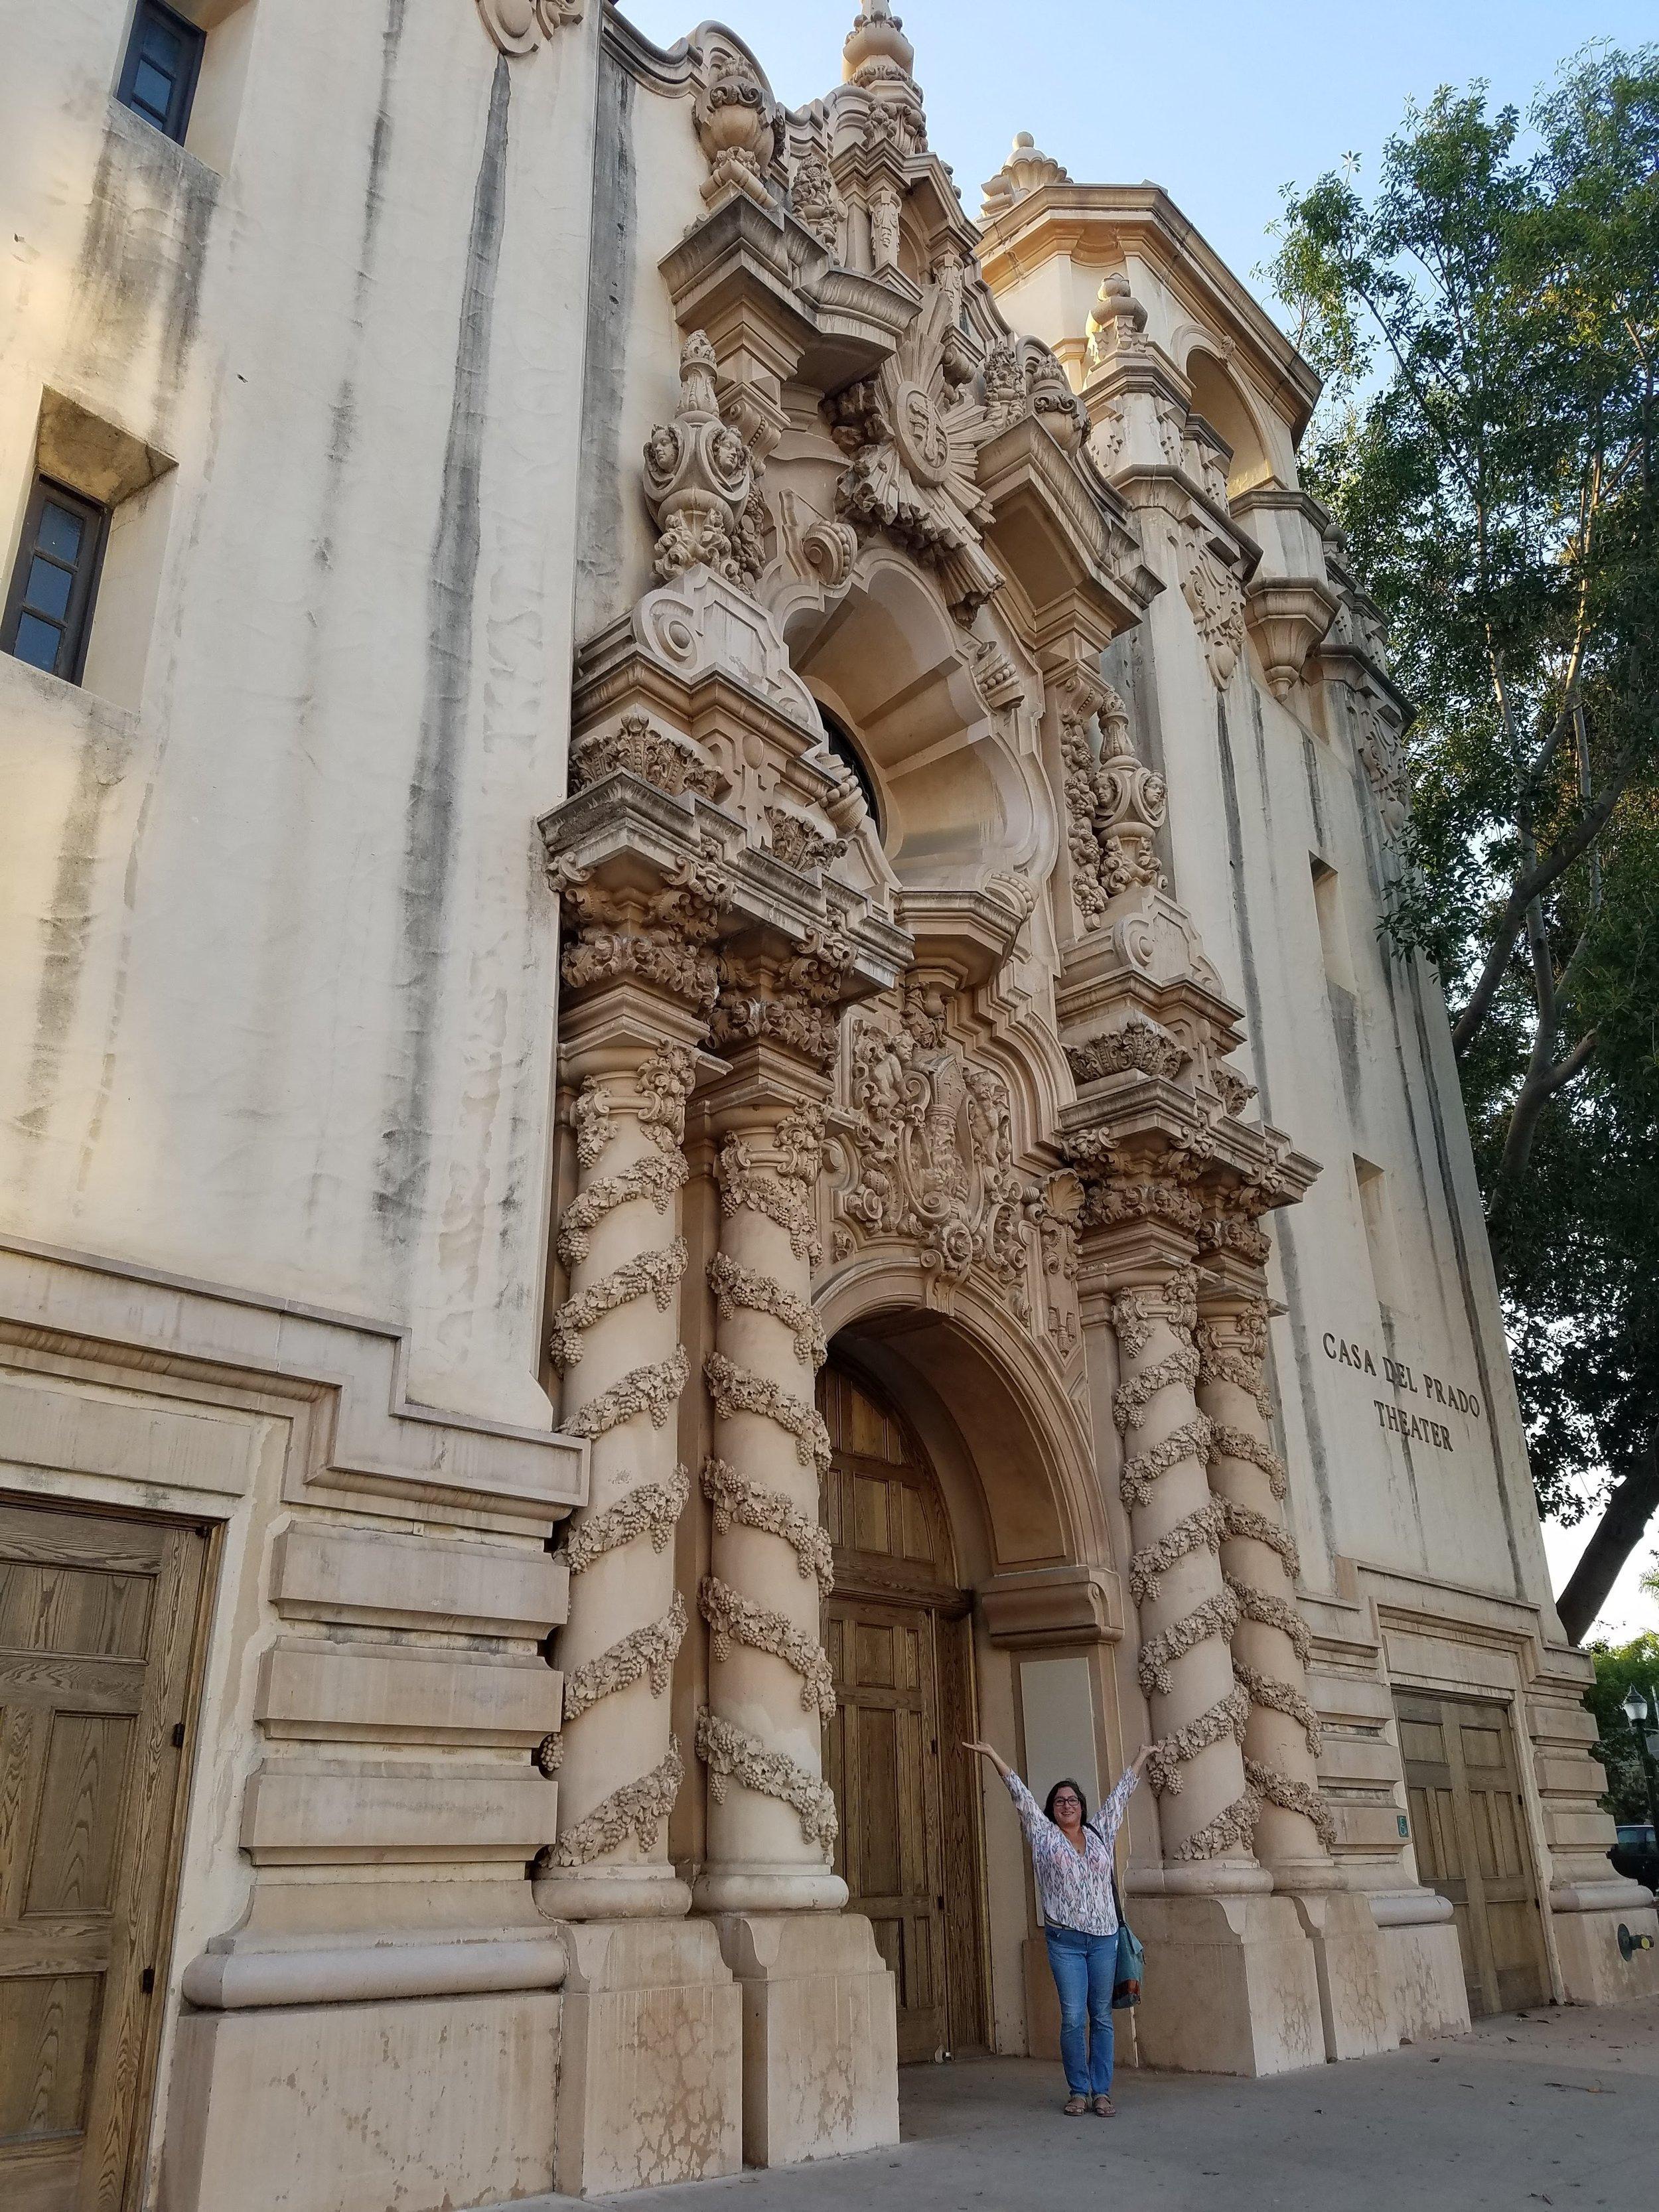 Balboa Architecture